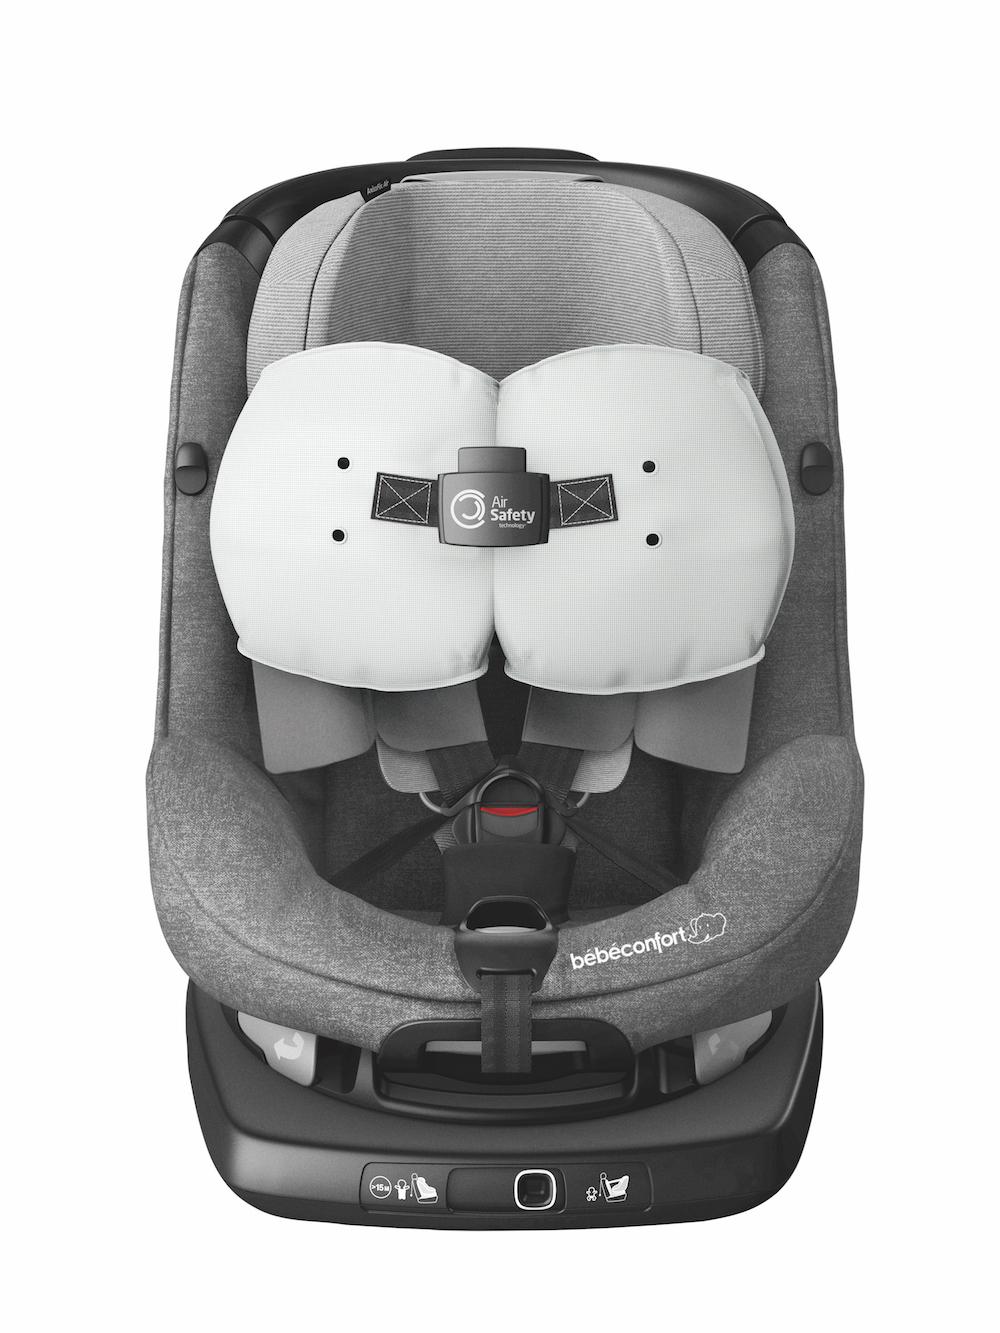 axissfix air il primo seggiolino auto con airbag. Black Bedroom Furniture Sets. Home Design Ideas